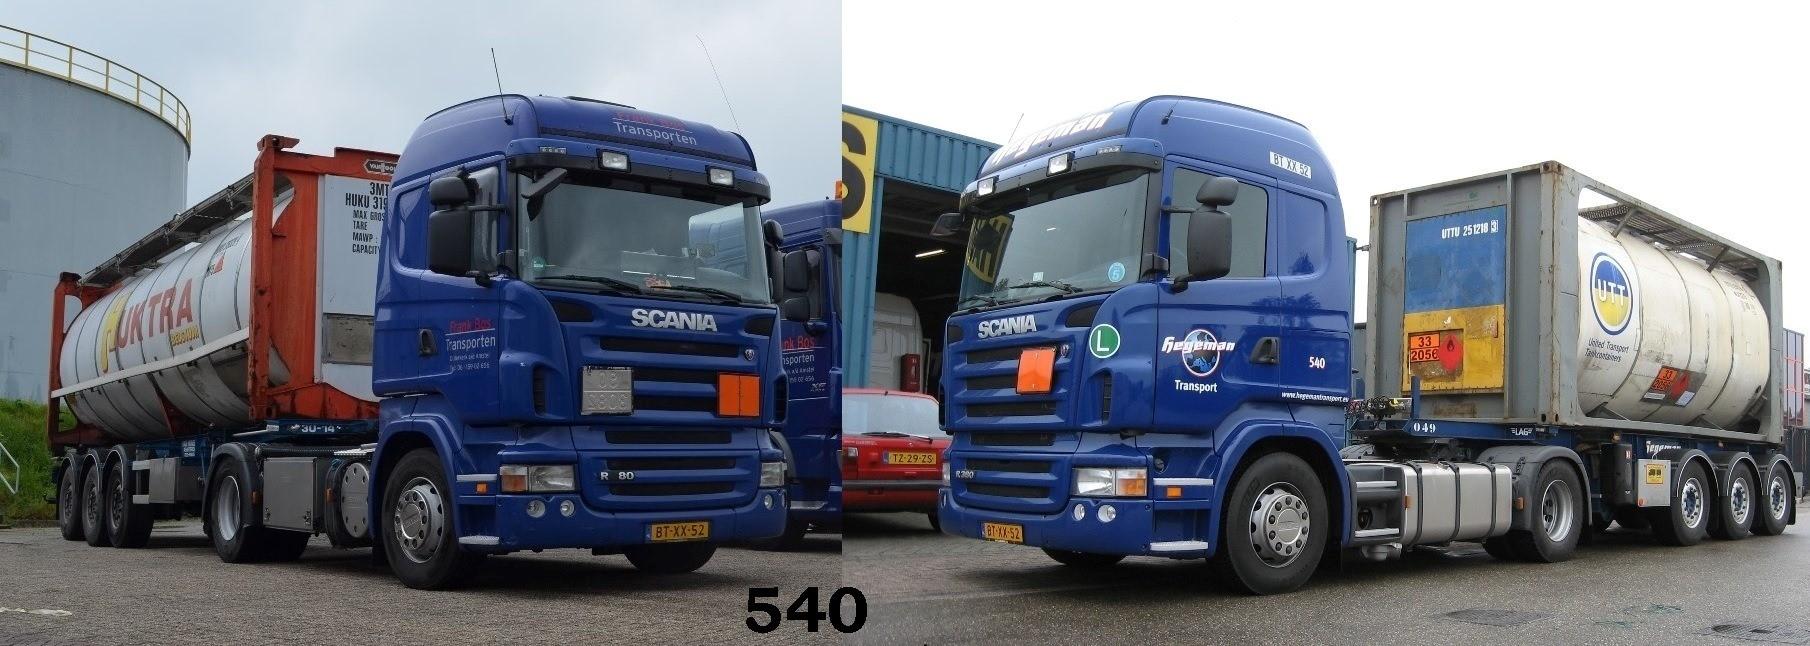 NR-540-voor-en-na-